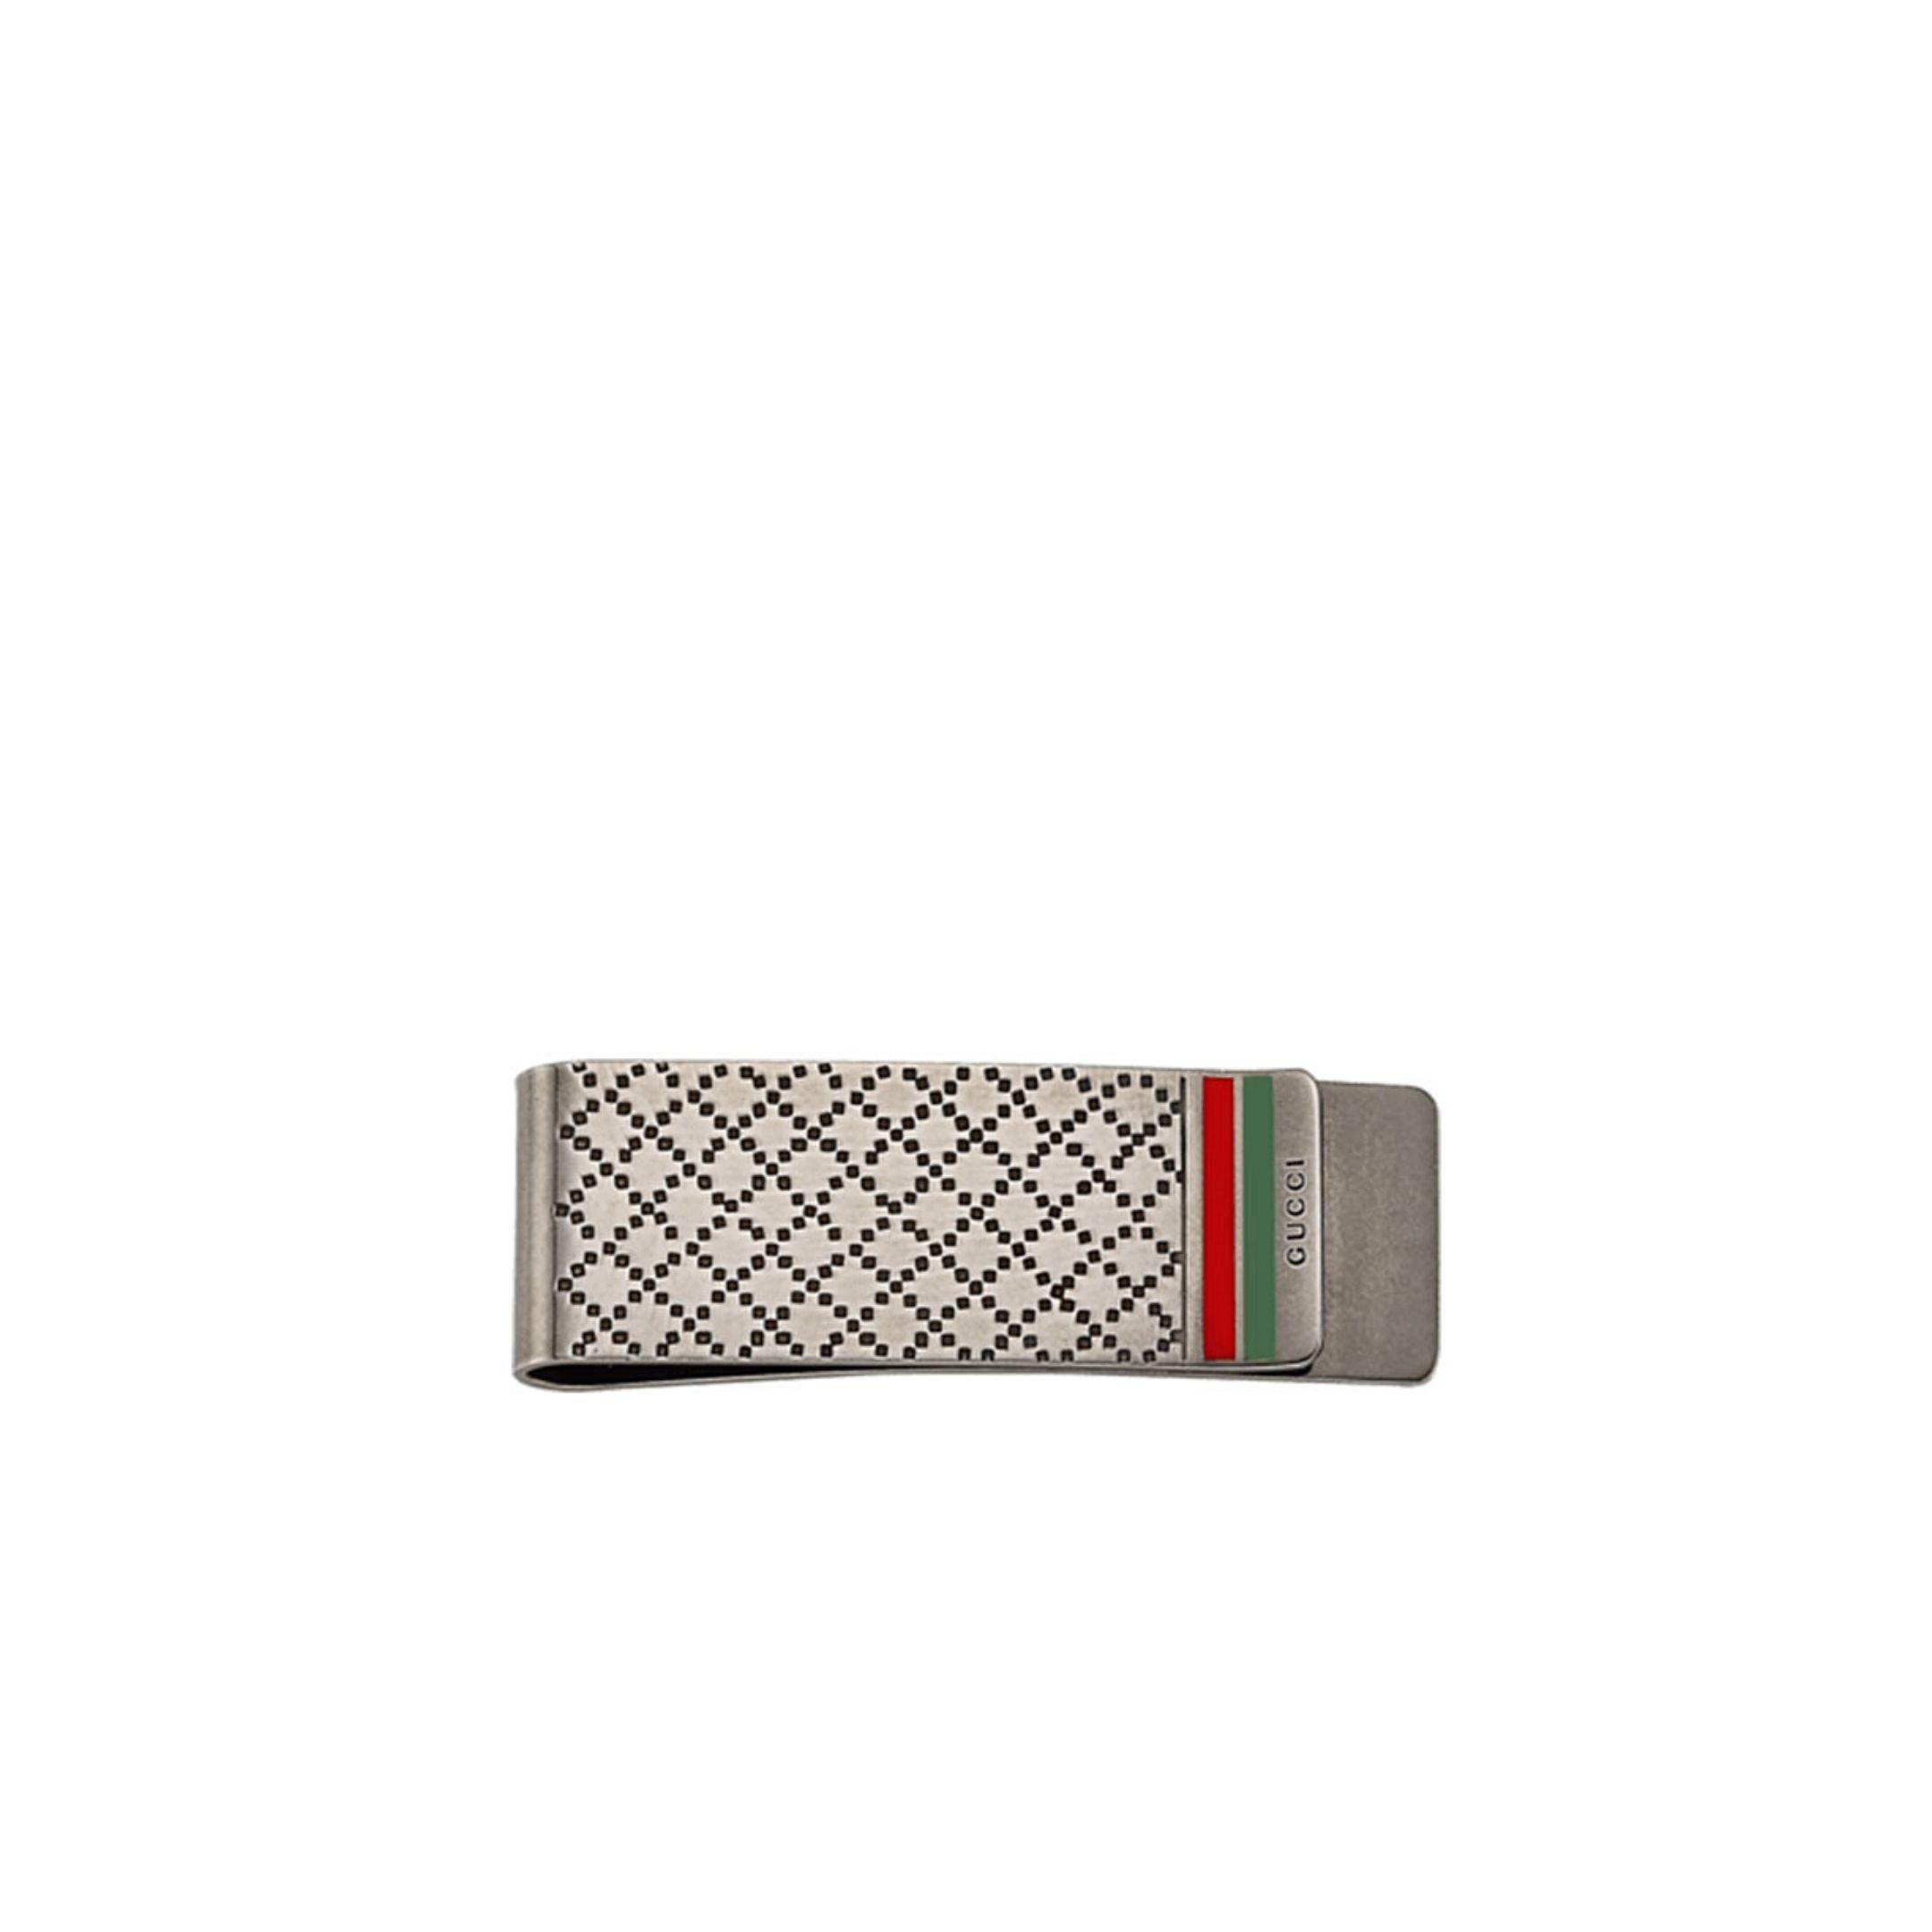 Fermasoldi Gucci argento con trama Diamond e bande colori GUCCI moneyclip silver gucci band